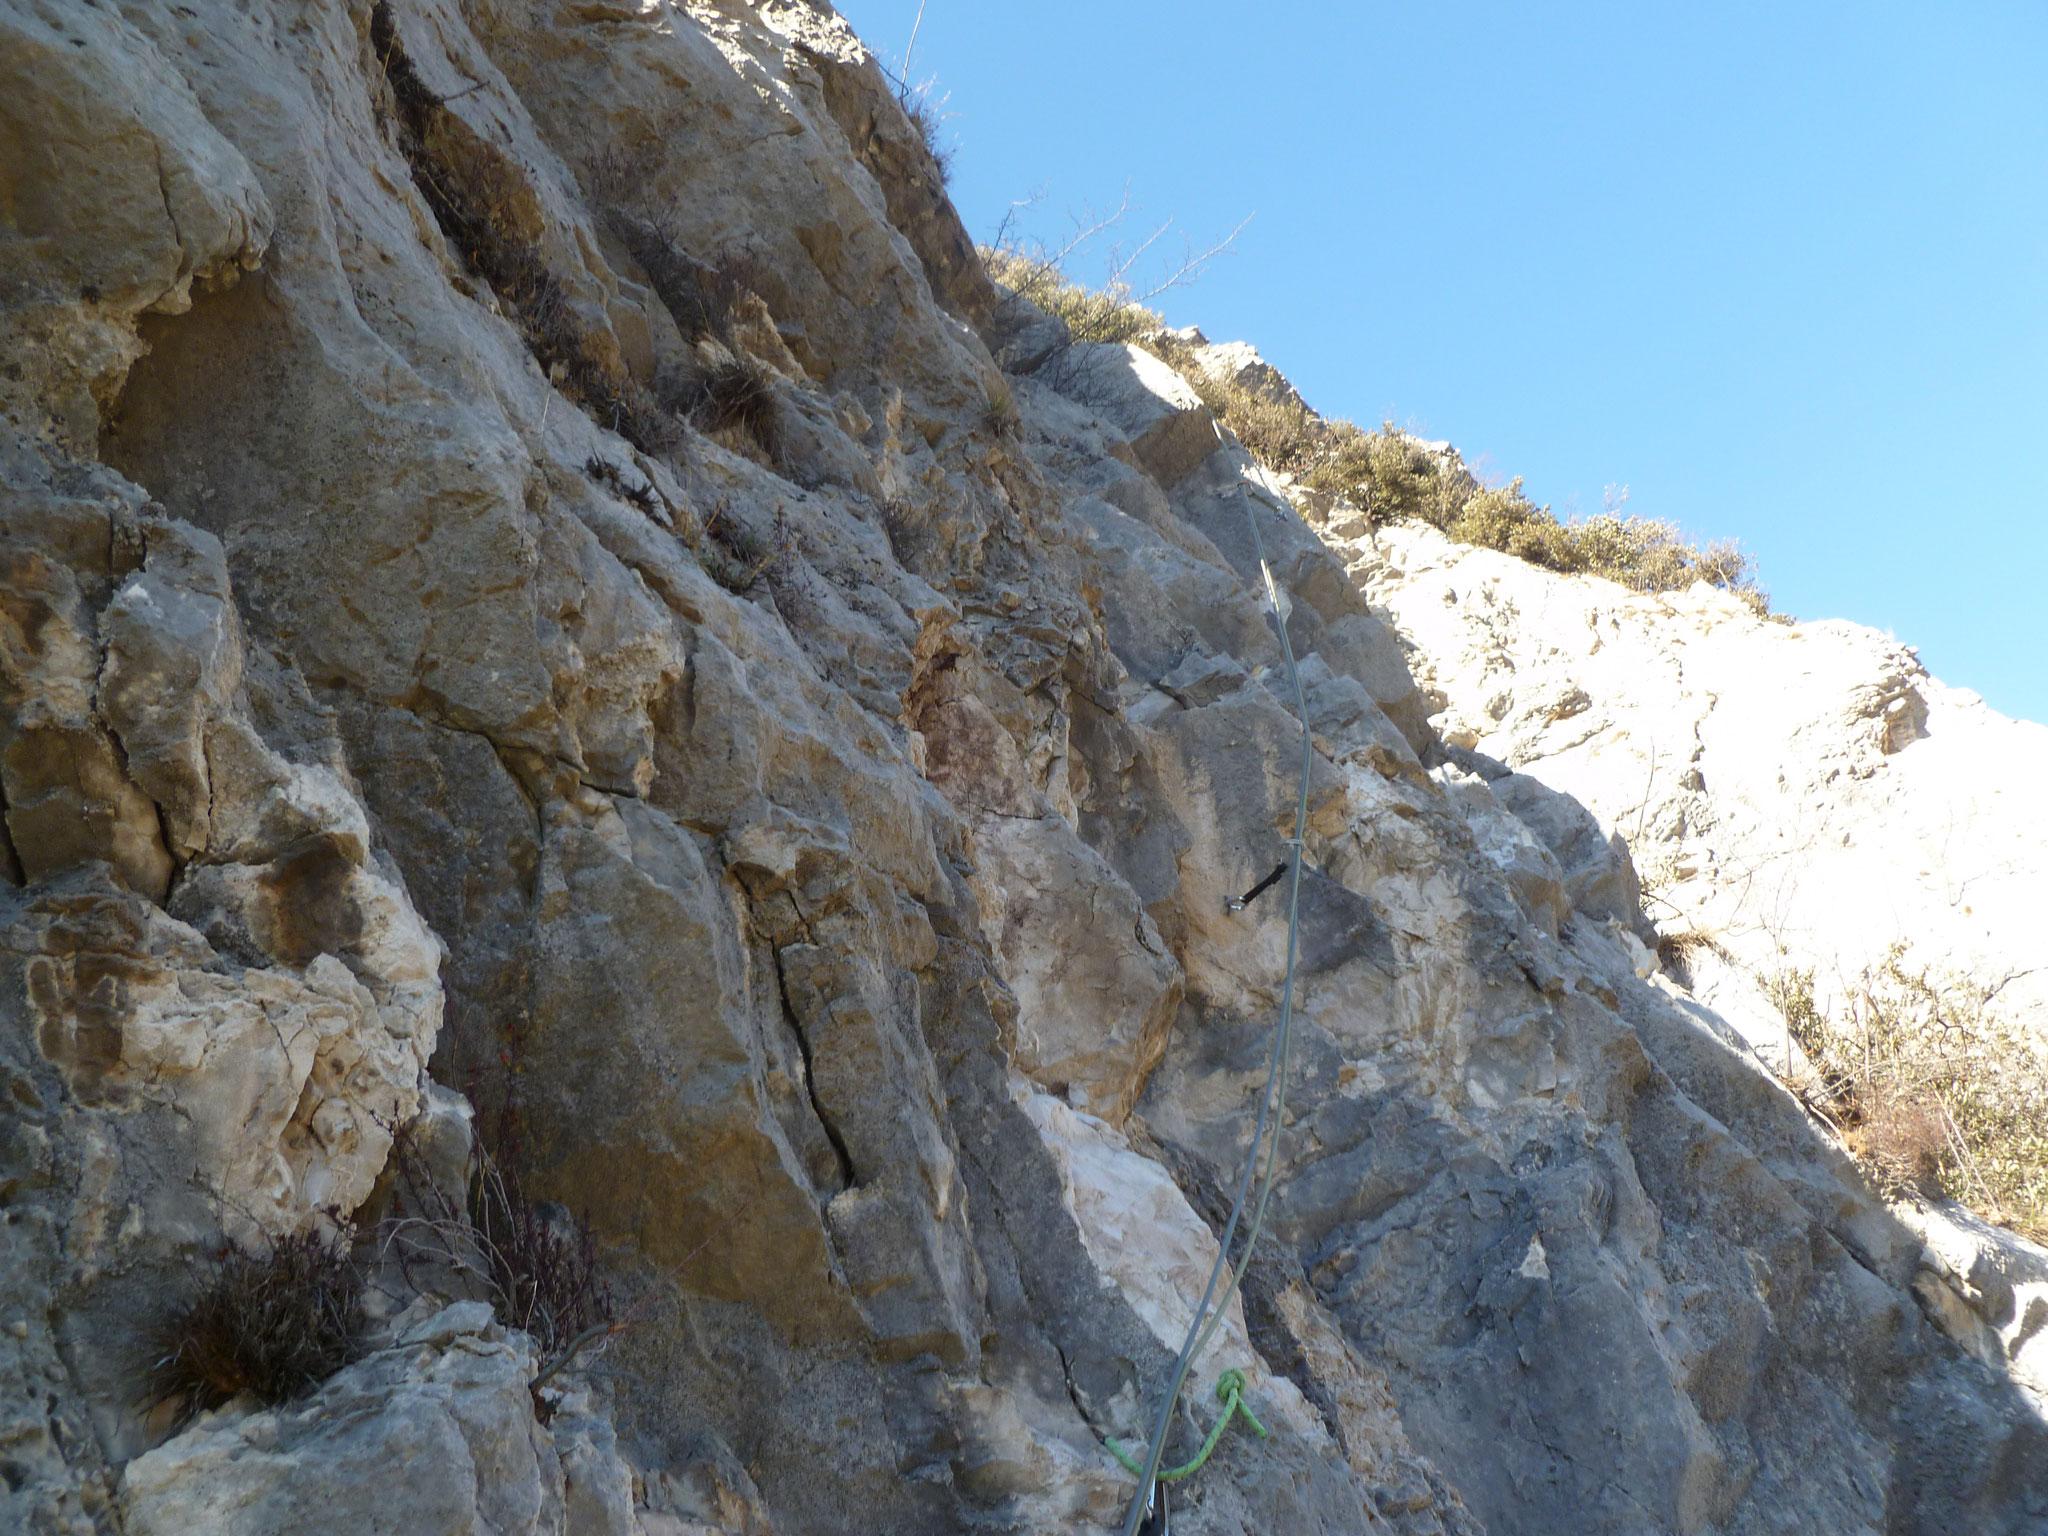 Hinüber in nicht ganz bombenfestem Fels (Länge 5)